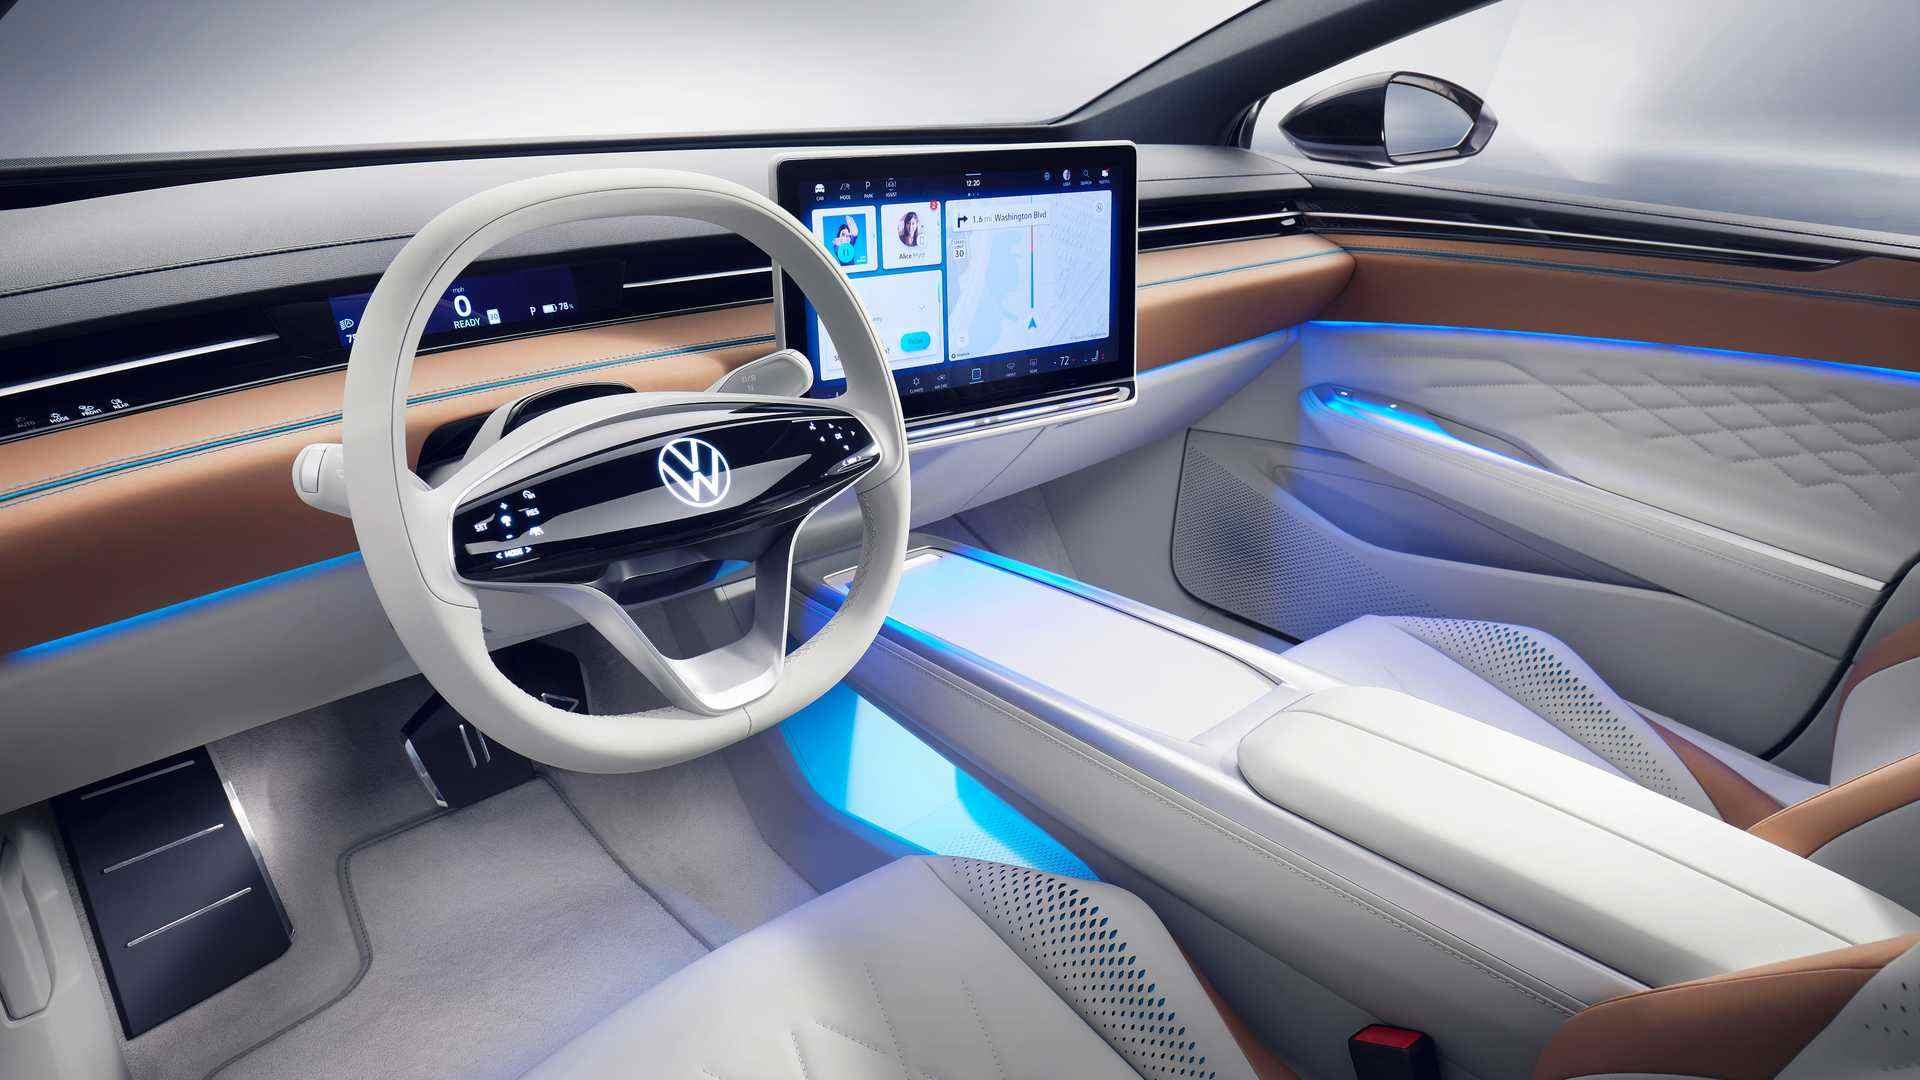 续航超700km,大众全新猎装版概念车曝光,2023年量产